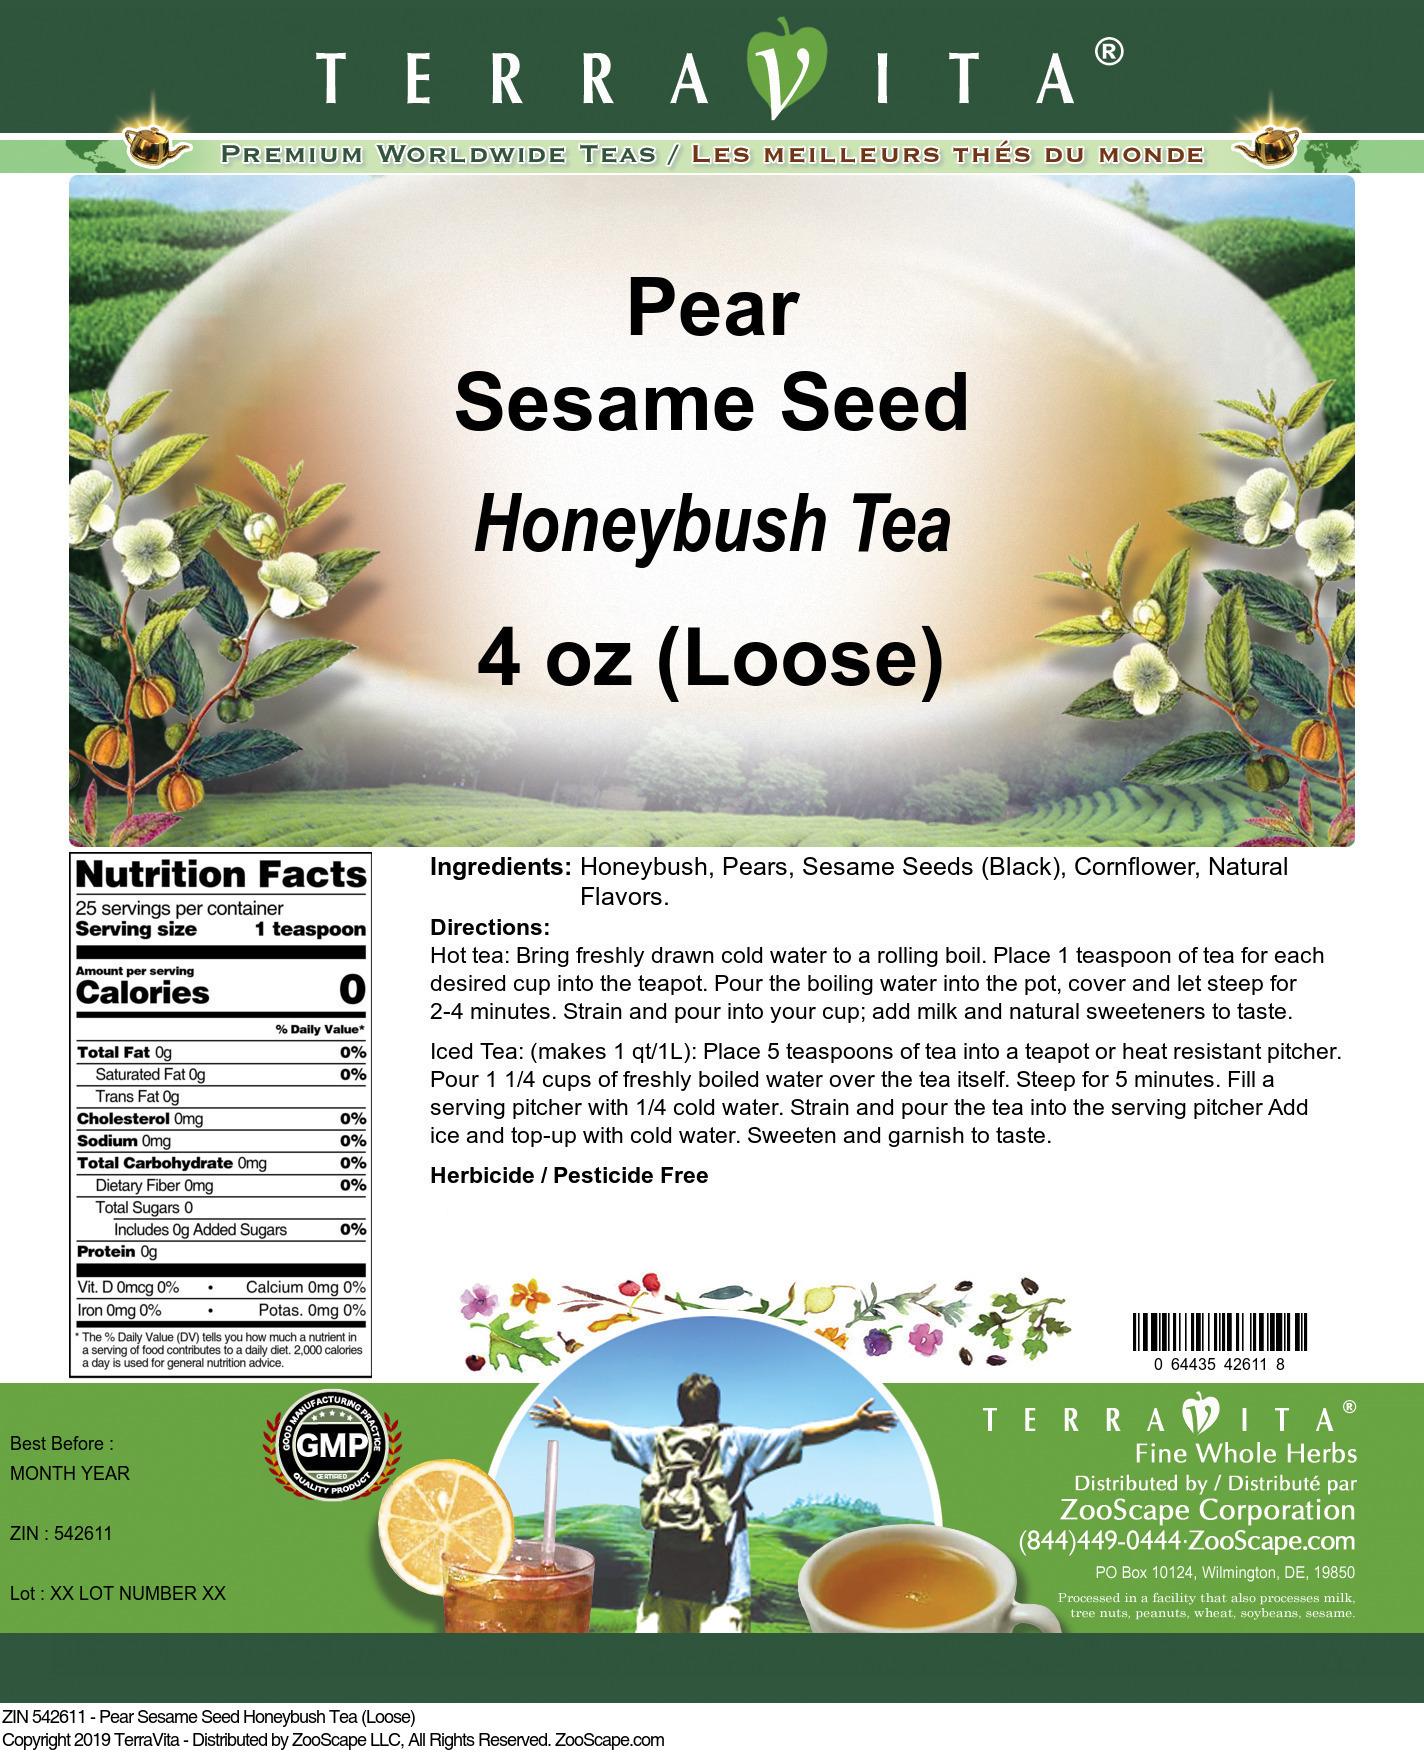 Pear Sesame Seed Honeybush Tea